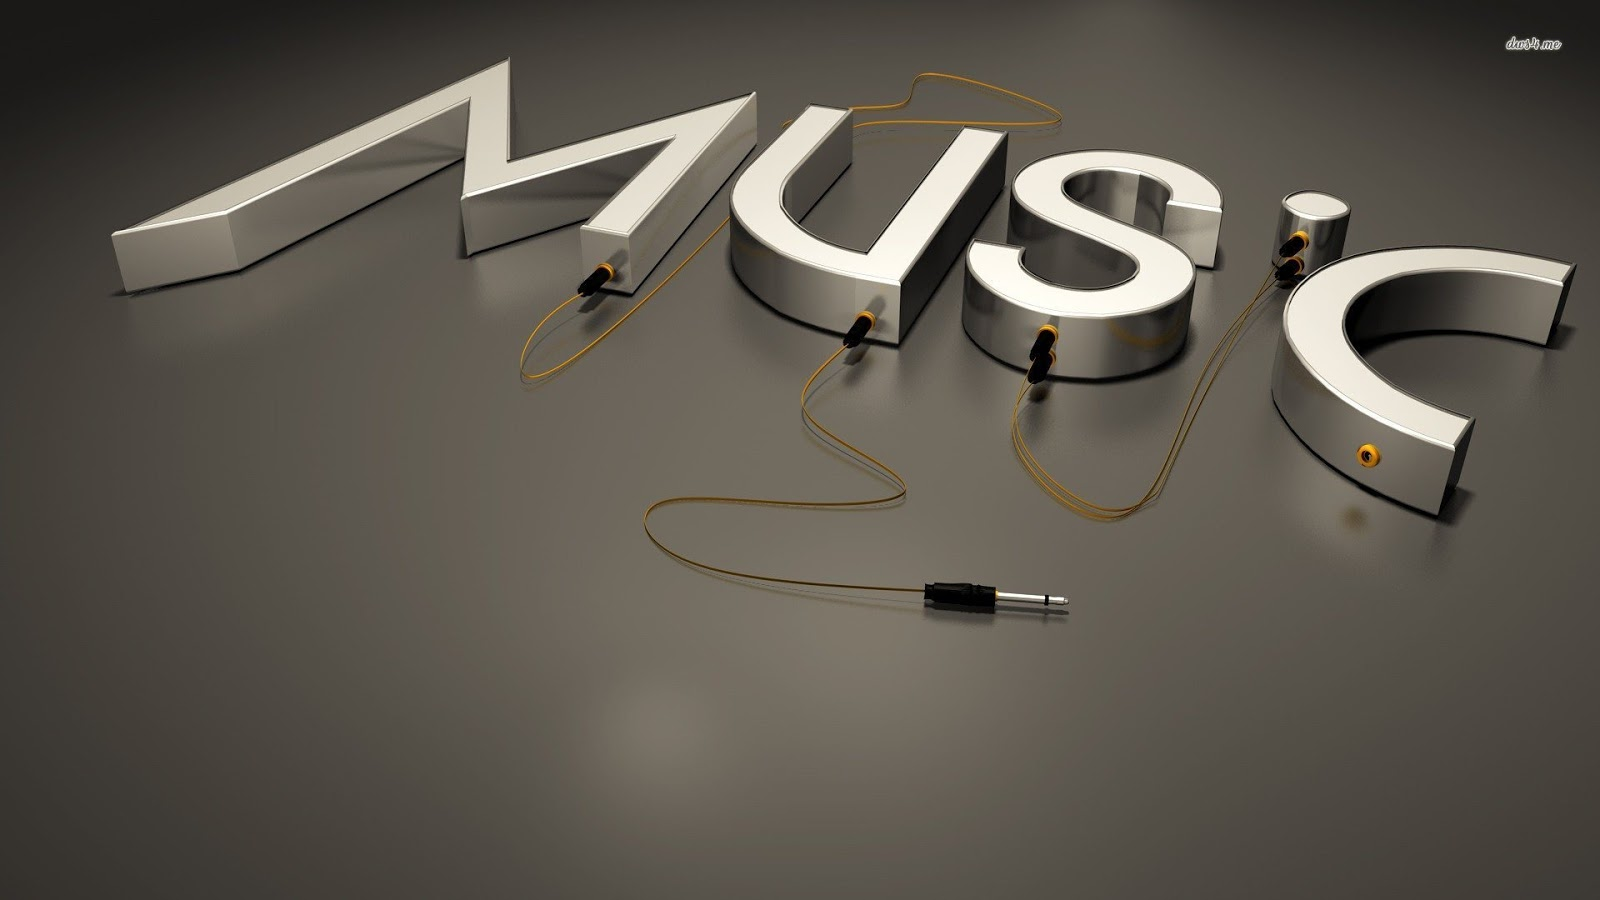 Giáo dục âm nhạc là gì? Một số khái niệm cần nắm trong âm nhạc